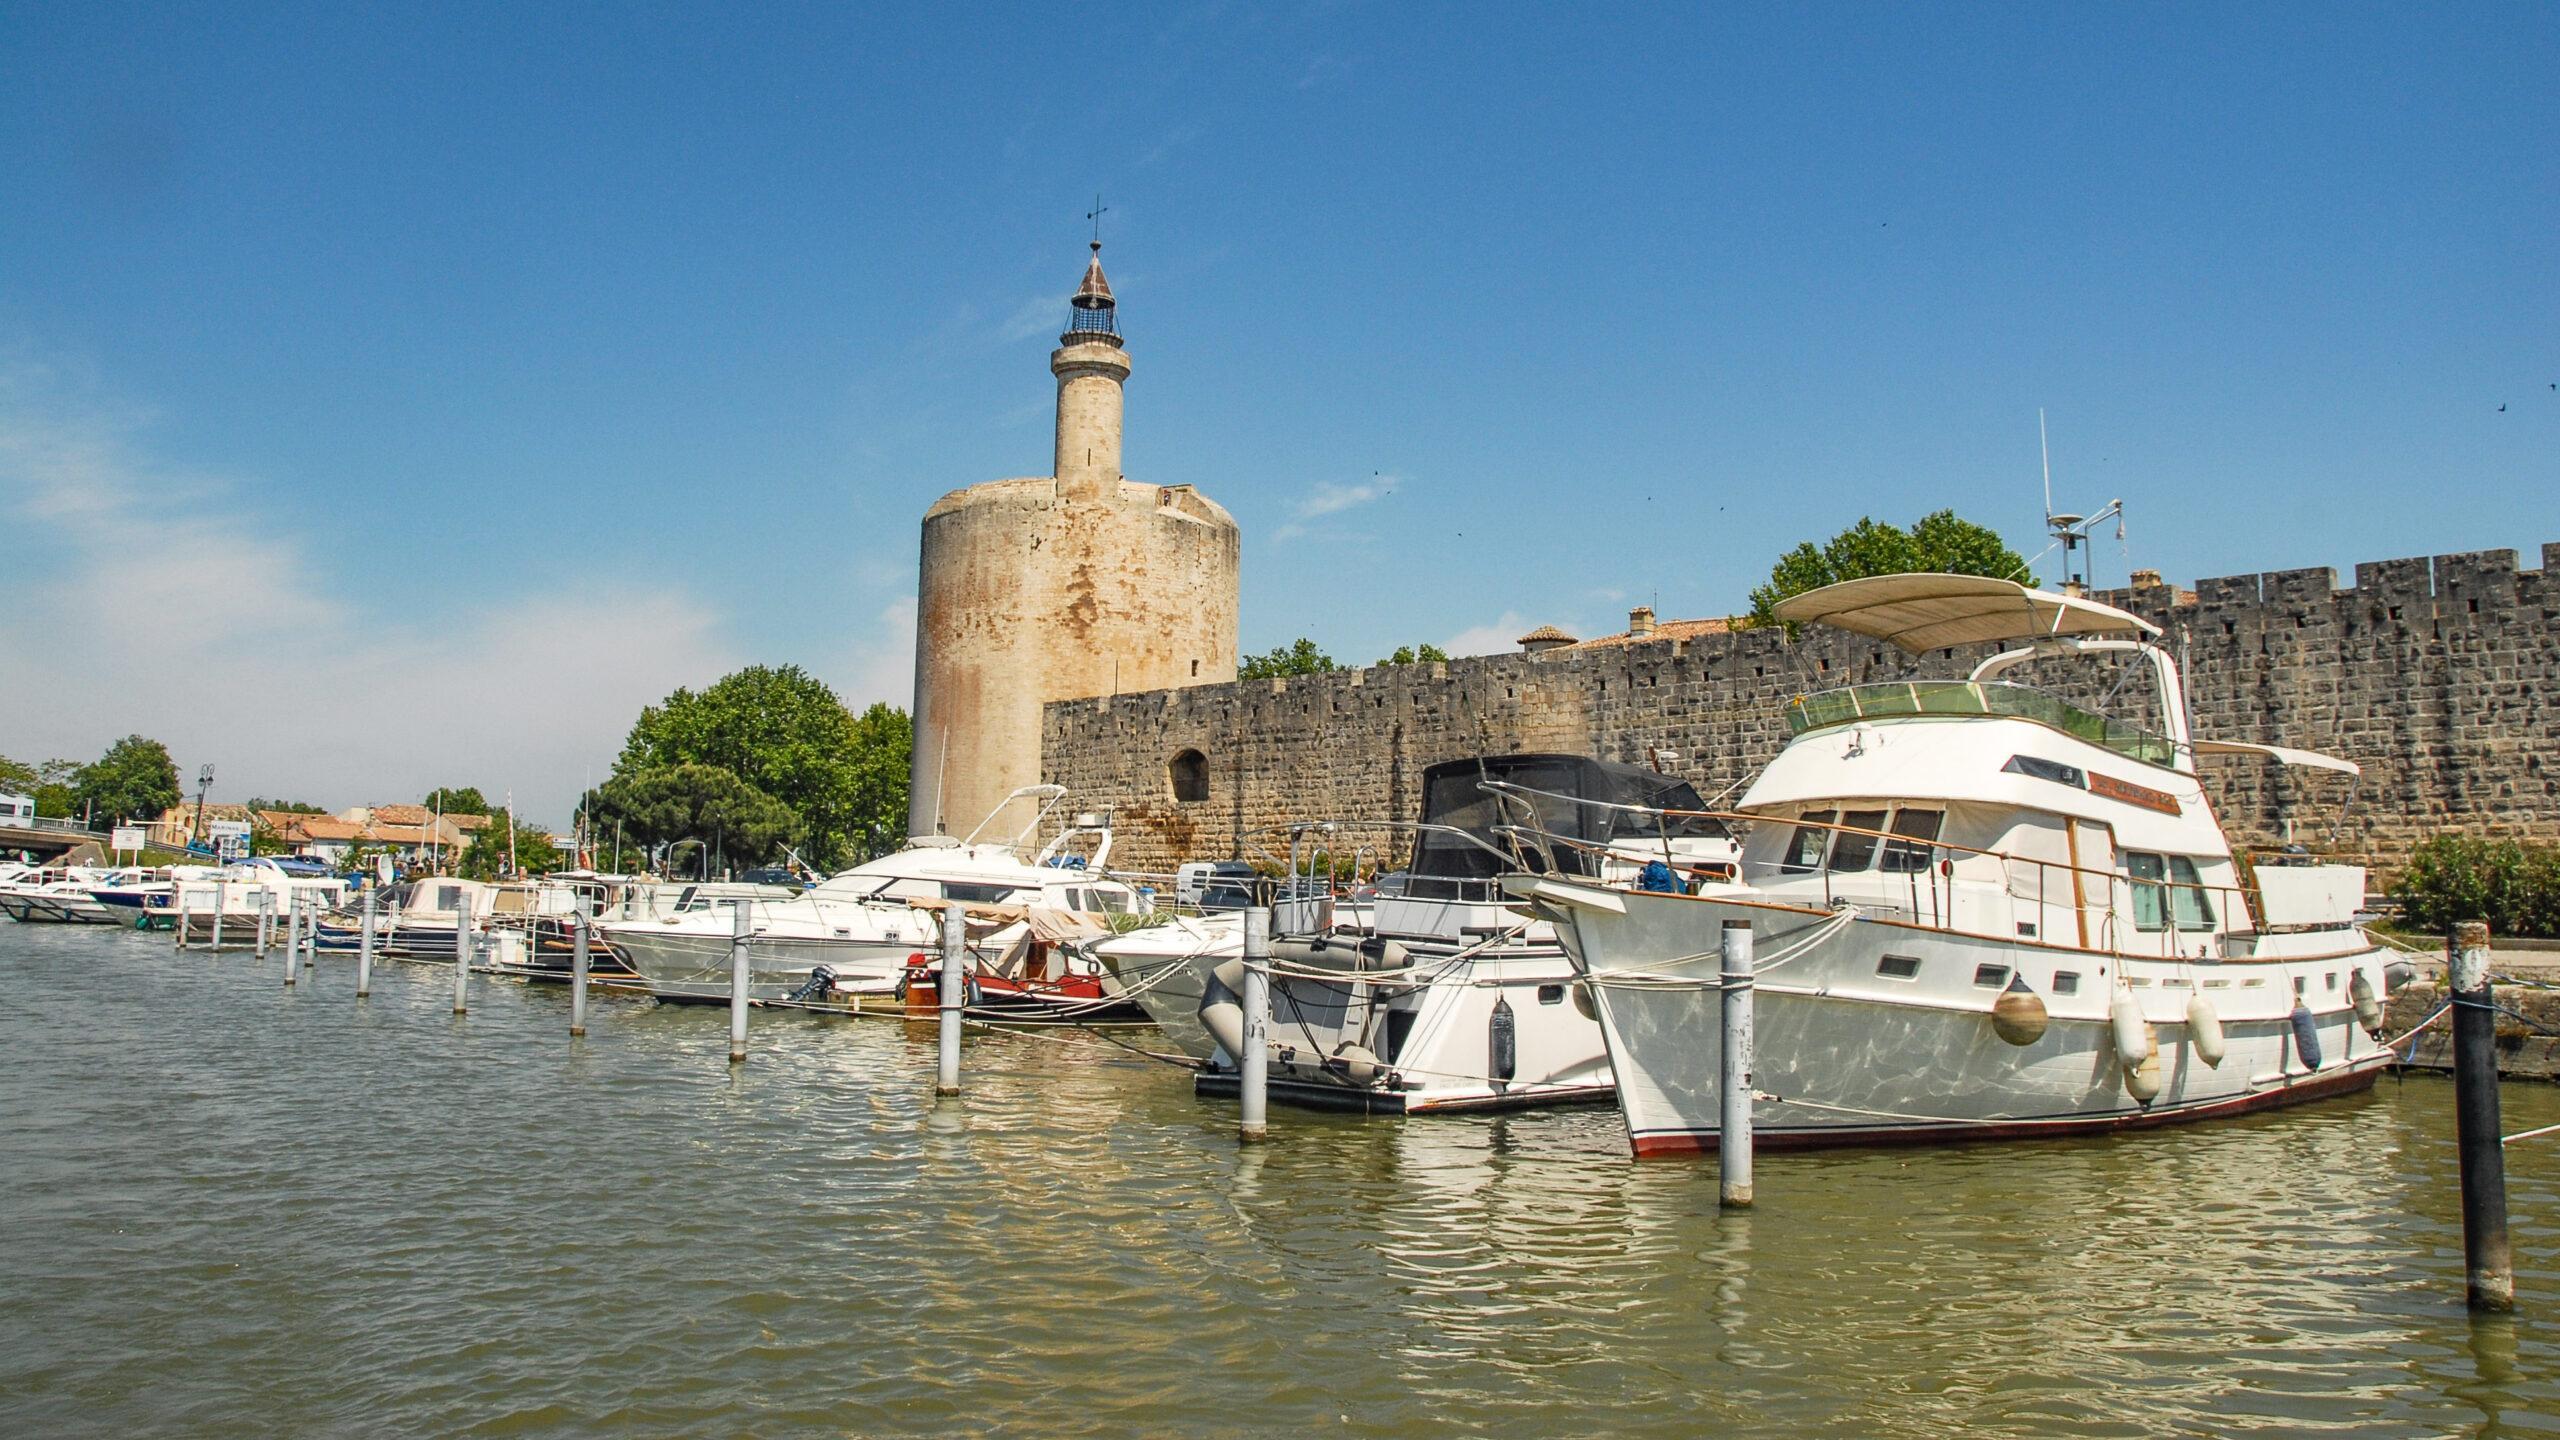 Blick vom Kanal nach Aigues-Mortes auf die Stadtmauer der Altstadt mit Tour Constance. Foot: Hlke